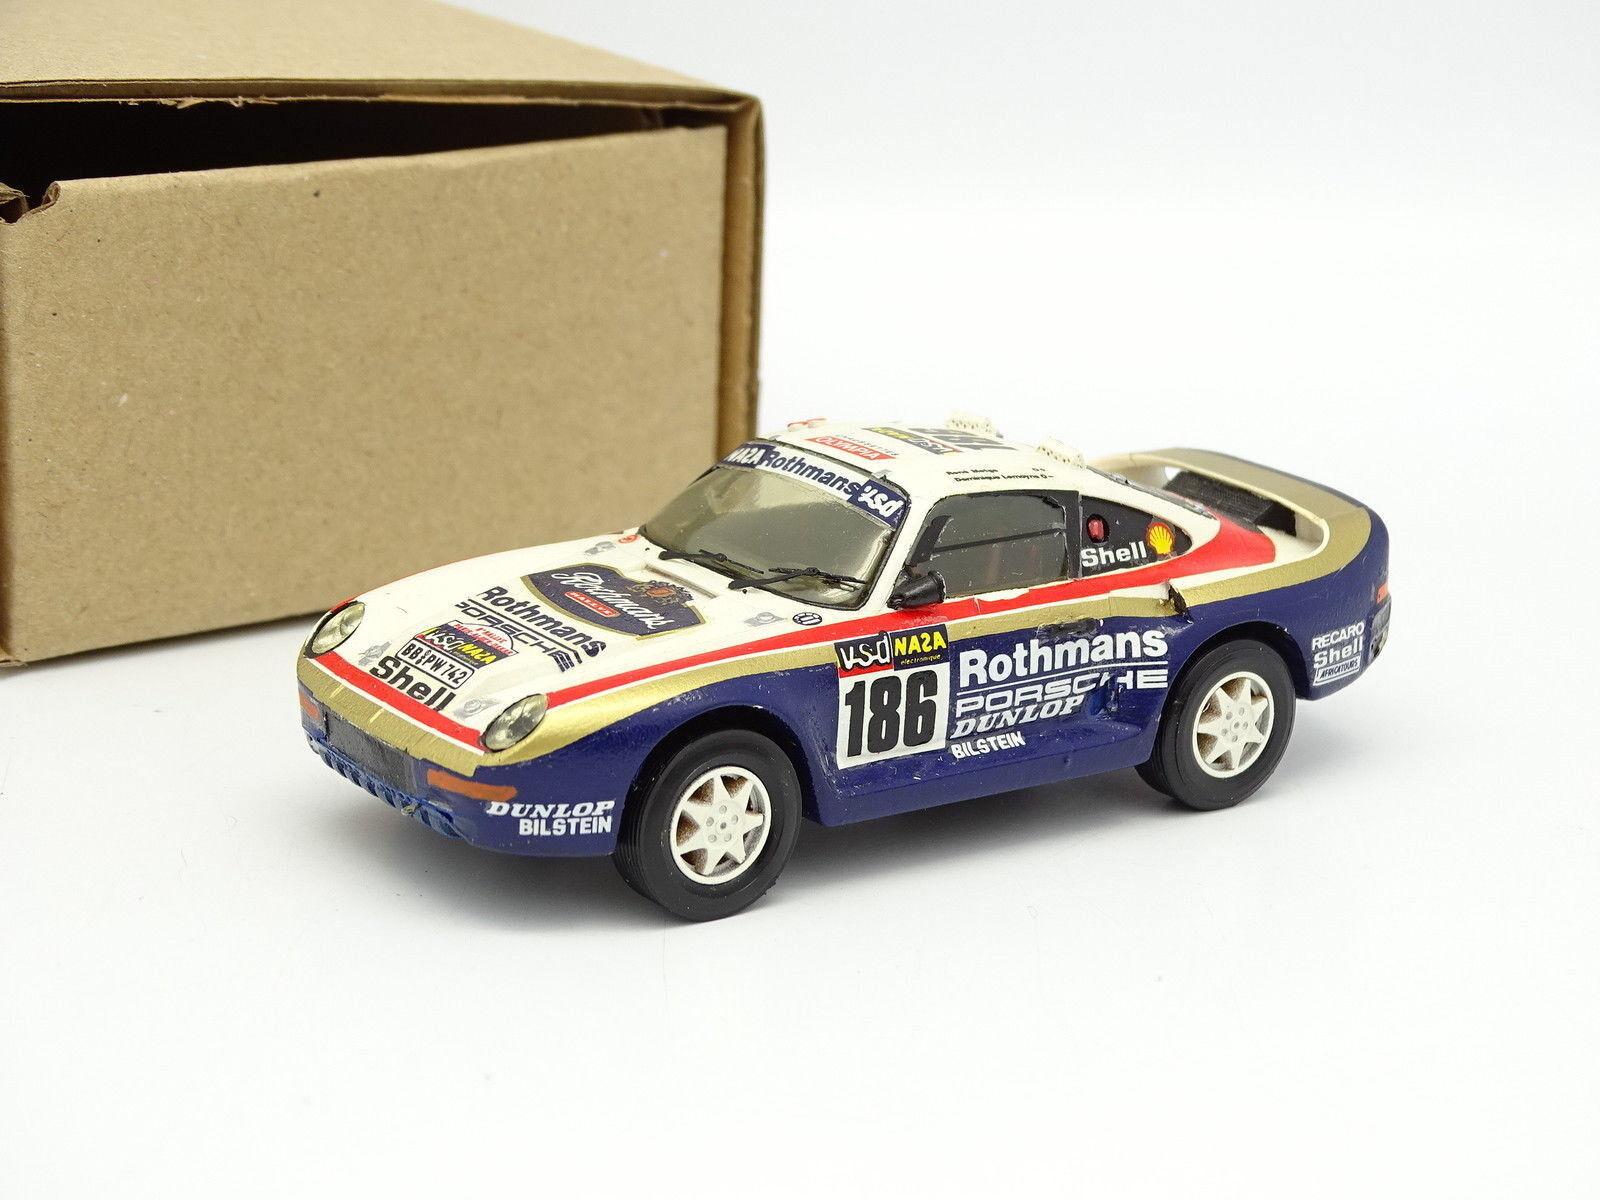 Starter Kit Monté 1 1 1 43 - Porsche 959 redhmans Rallye Paris Dakar 1988 N°186 7e2b8b